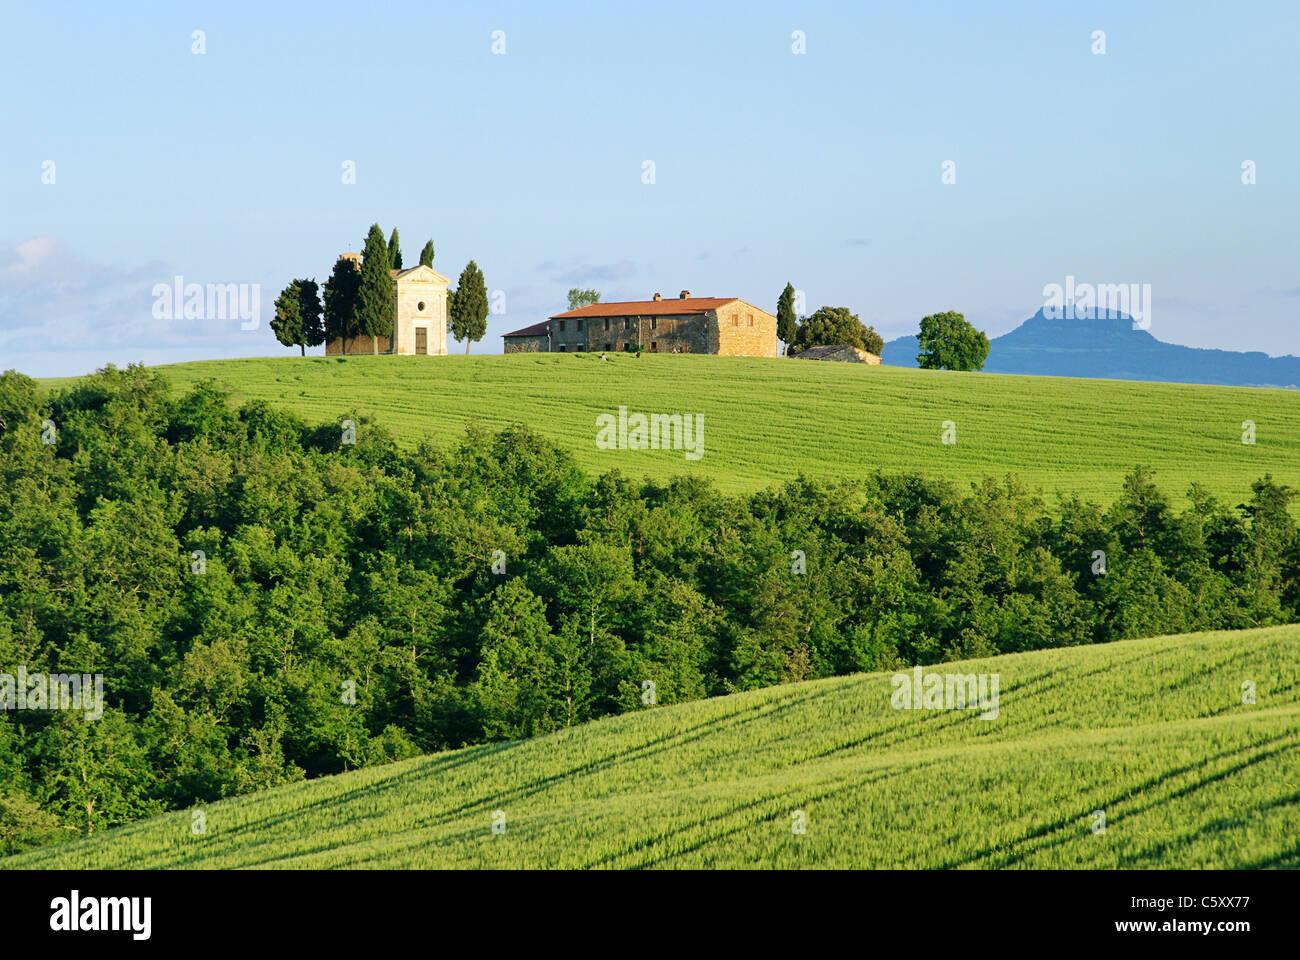 Toskana Kapelle - Tuscany chapel 08 - Stock Image